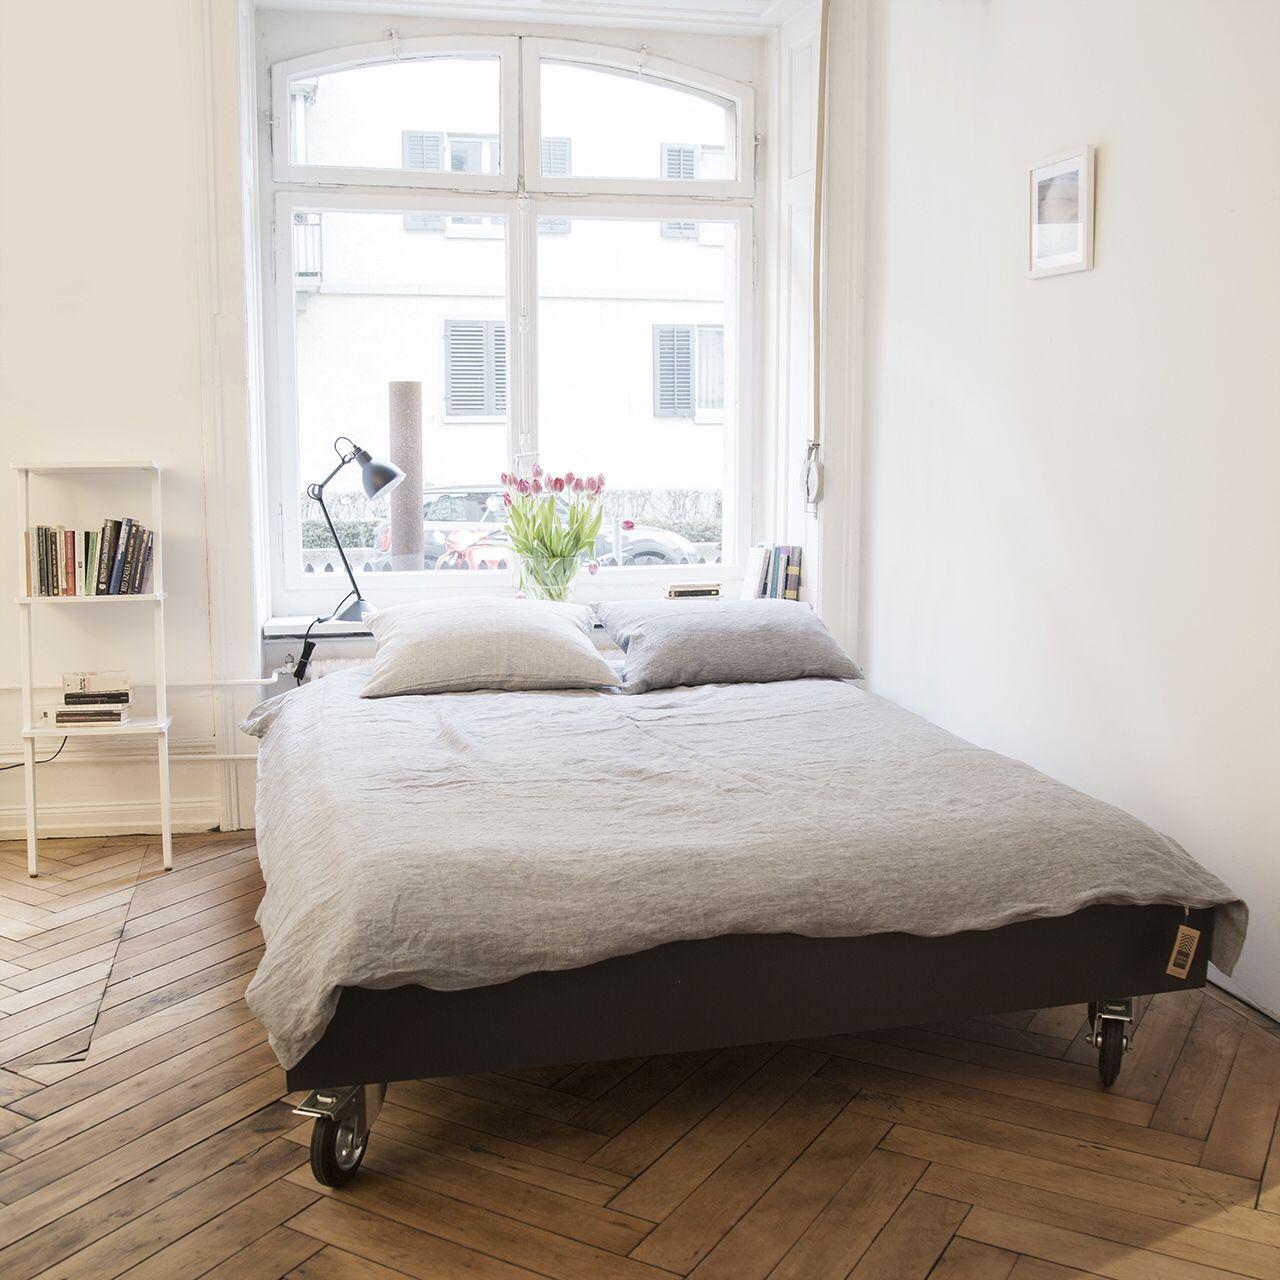 Bett auf Rollen | Bett, Diy bett und Schlafzimmer bett